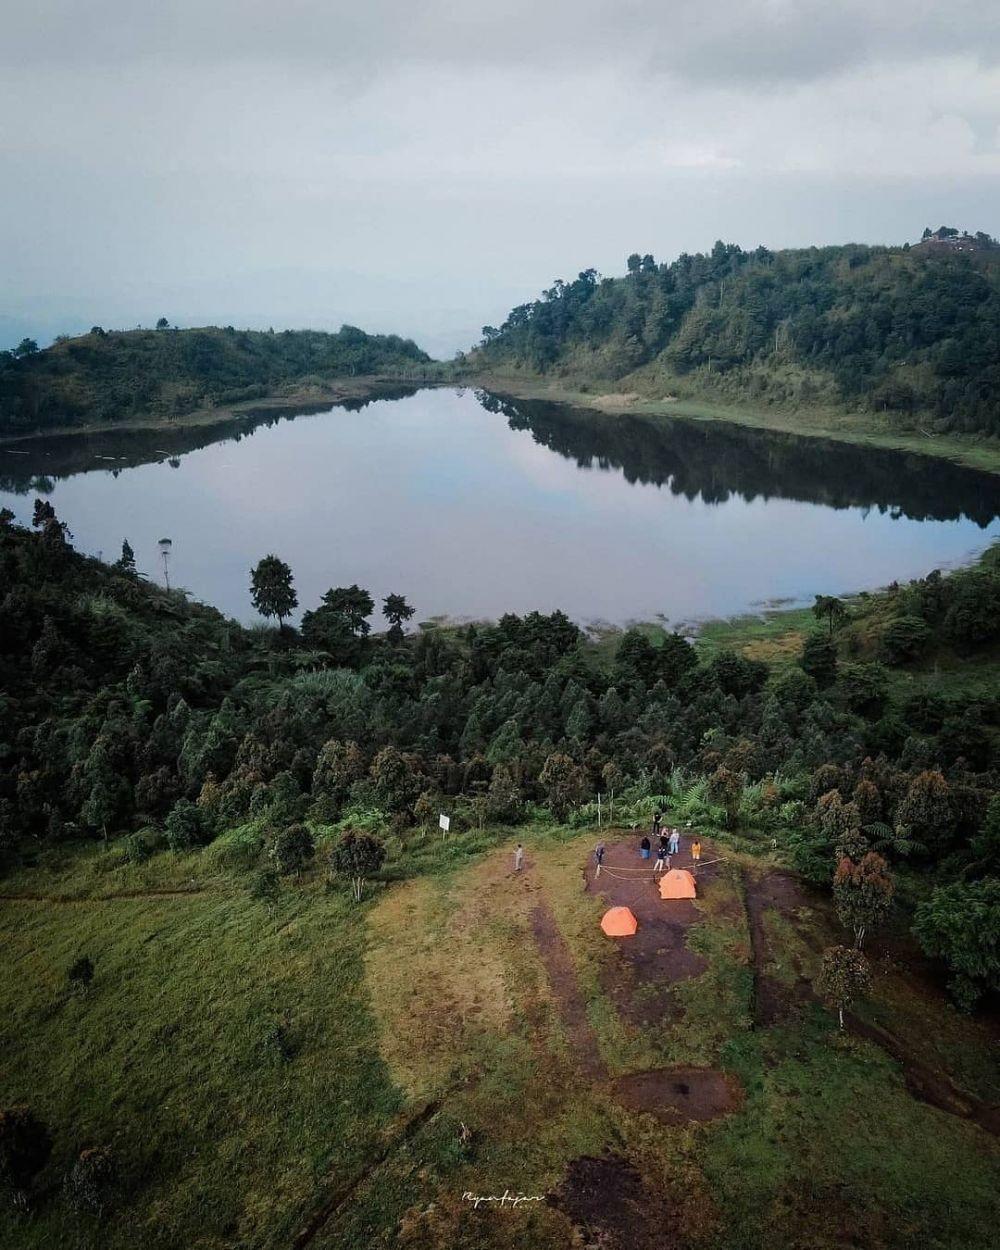 8 Tempat Wisata Hits di Batang 2021, Banyak Alam Hijau yang Asri